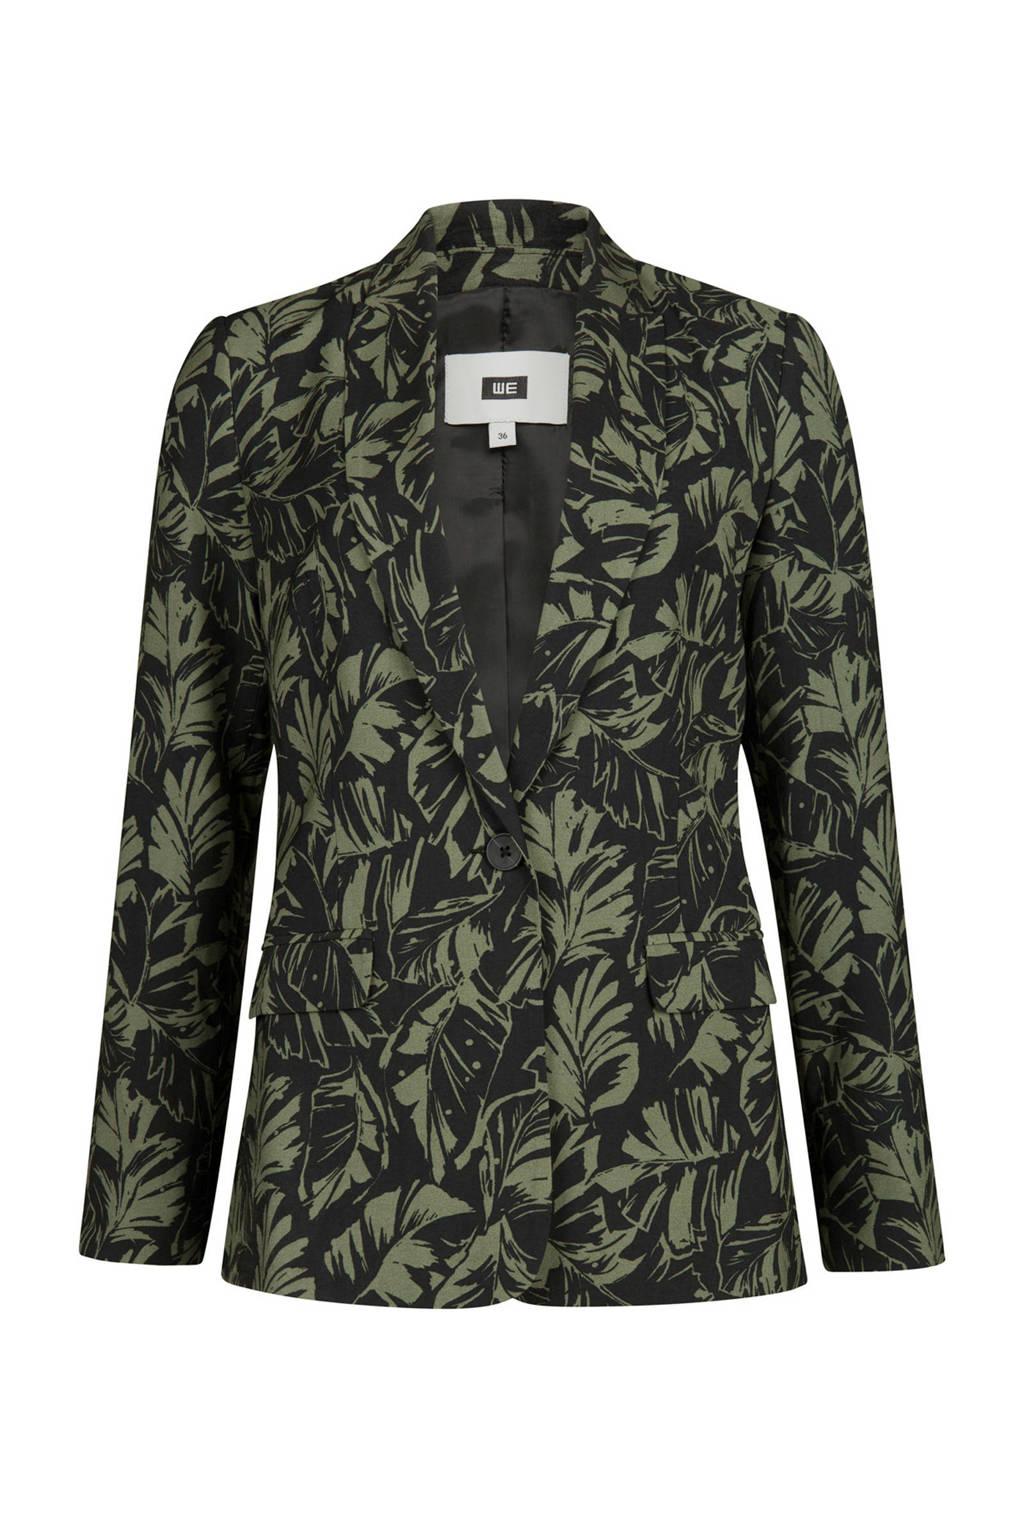 WE Fashion blazer met bladprint, Zwart/groen